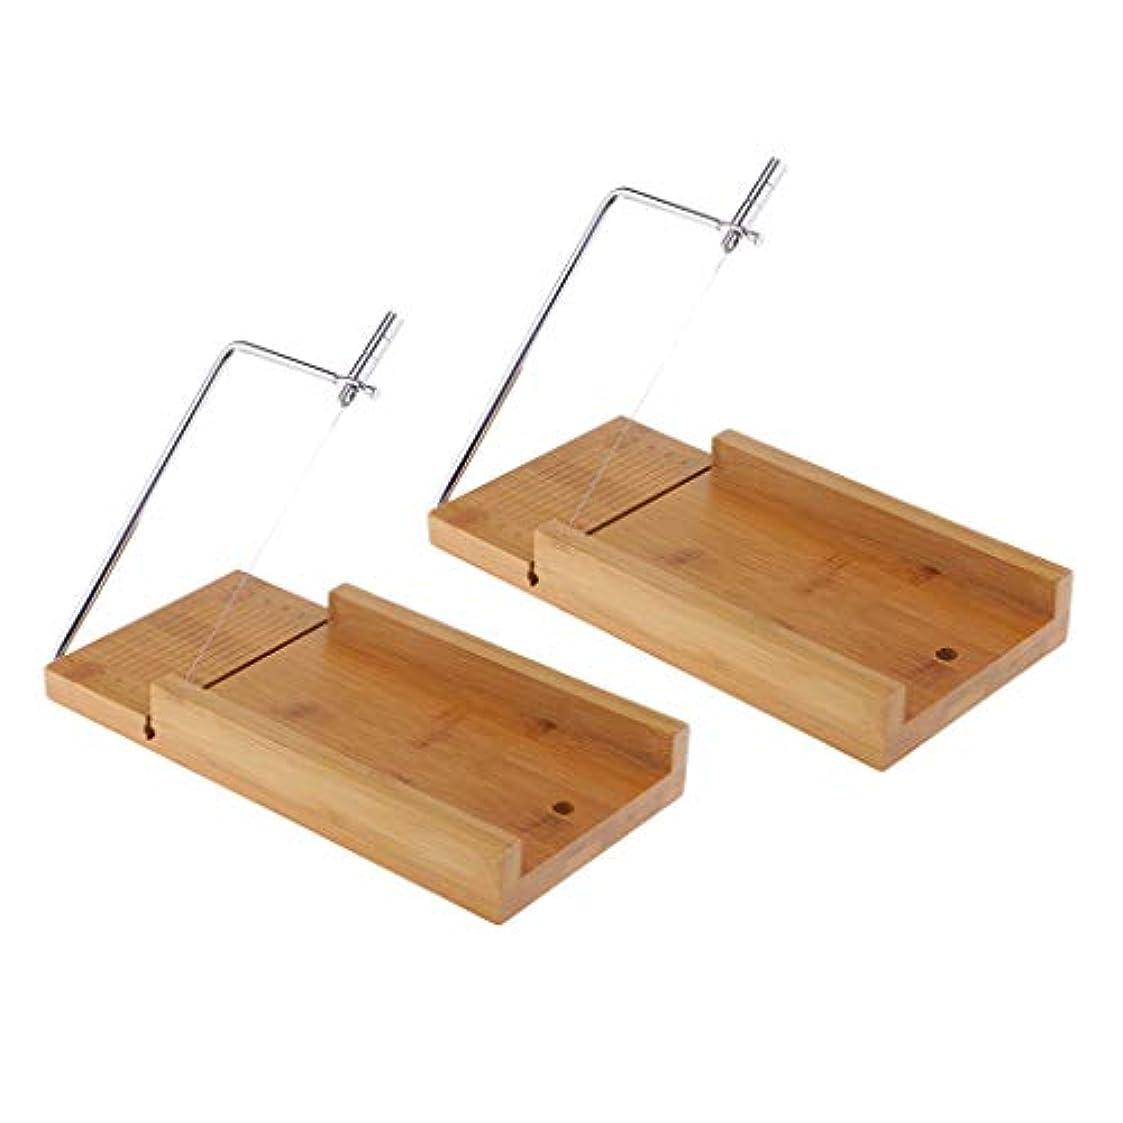 実施するはっきりしないペナルティFLAMEER ソープカッター チーズナイフ ワイヤー せっけんカッター 台 木質 石鹸切削工具 2個入り